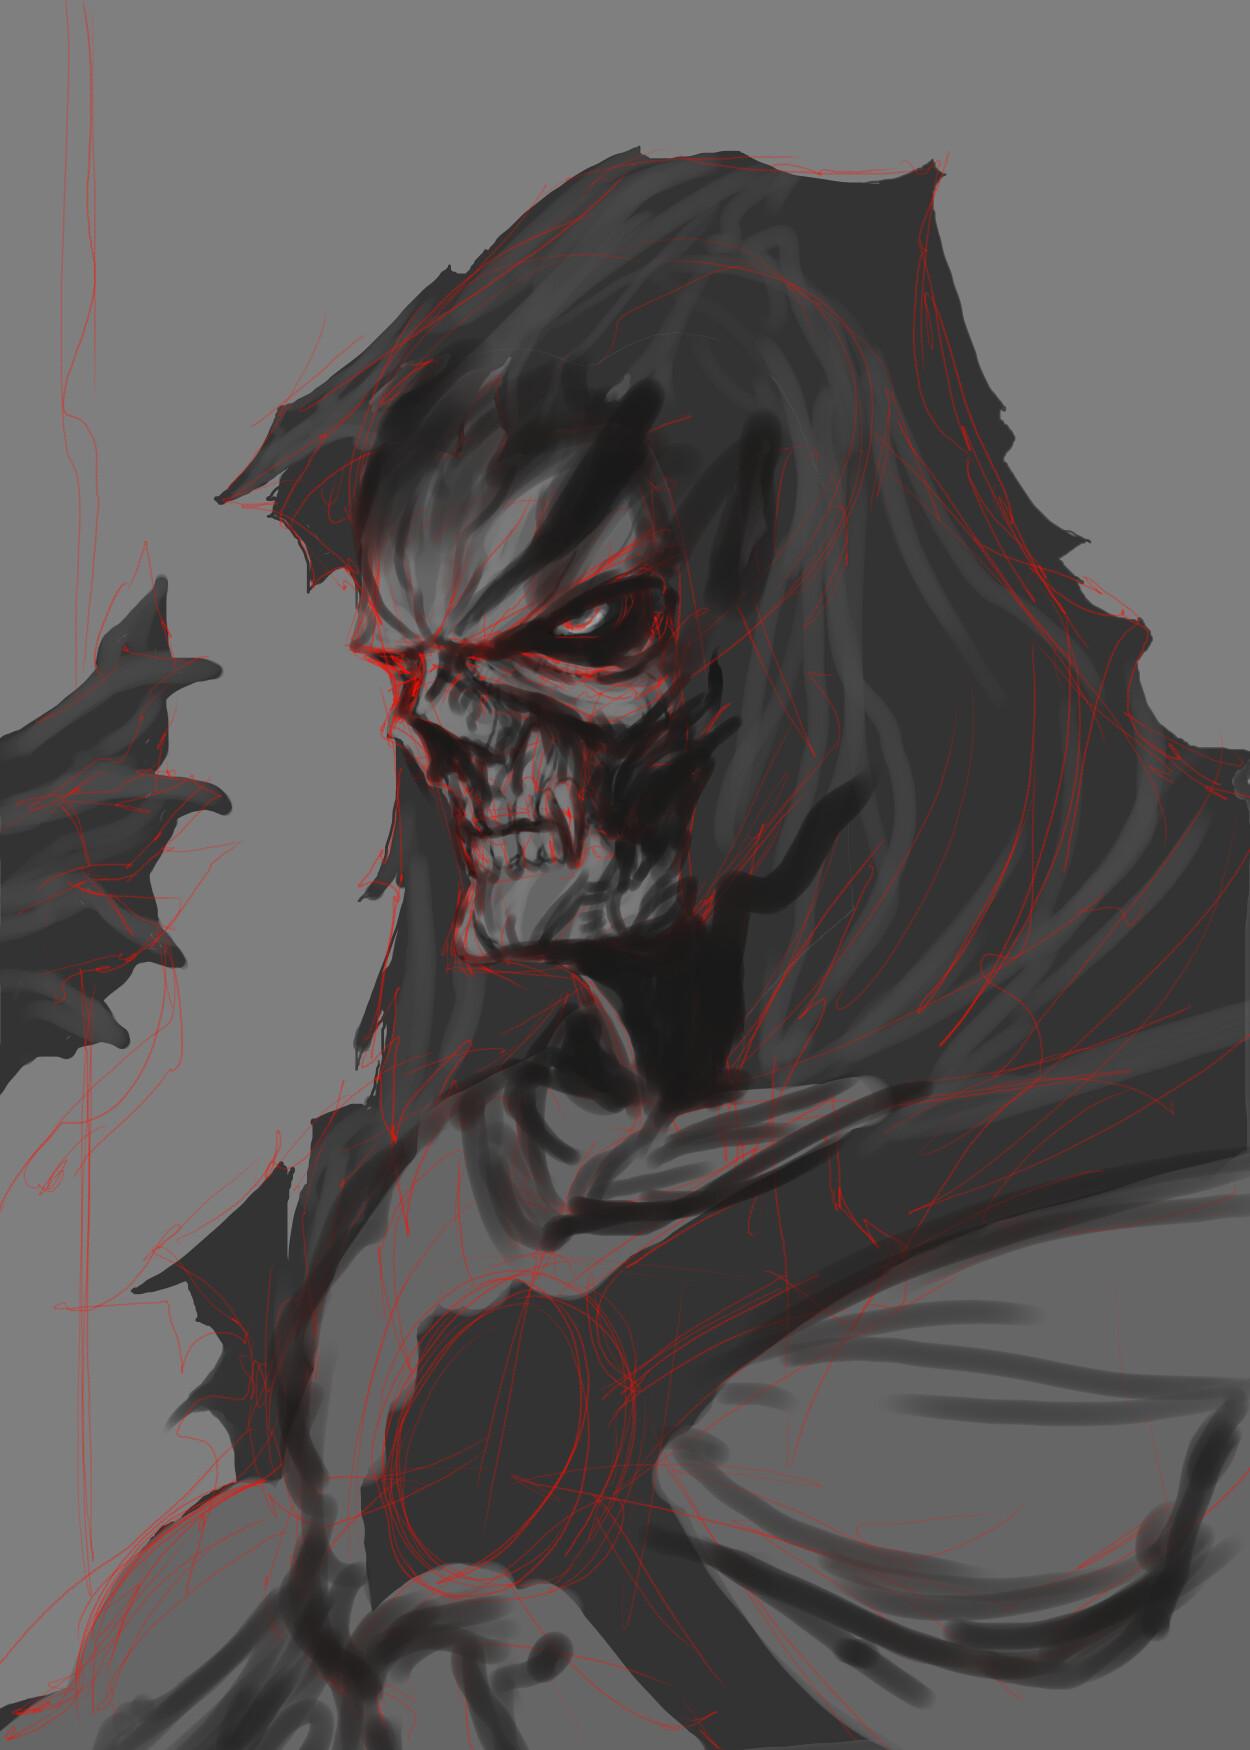 Loc nguyen 2019 08 19 skeletor wip 1